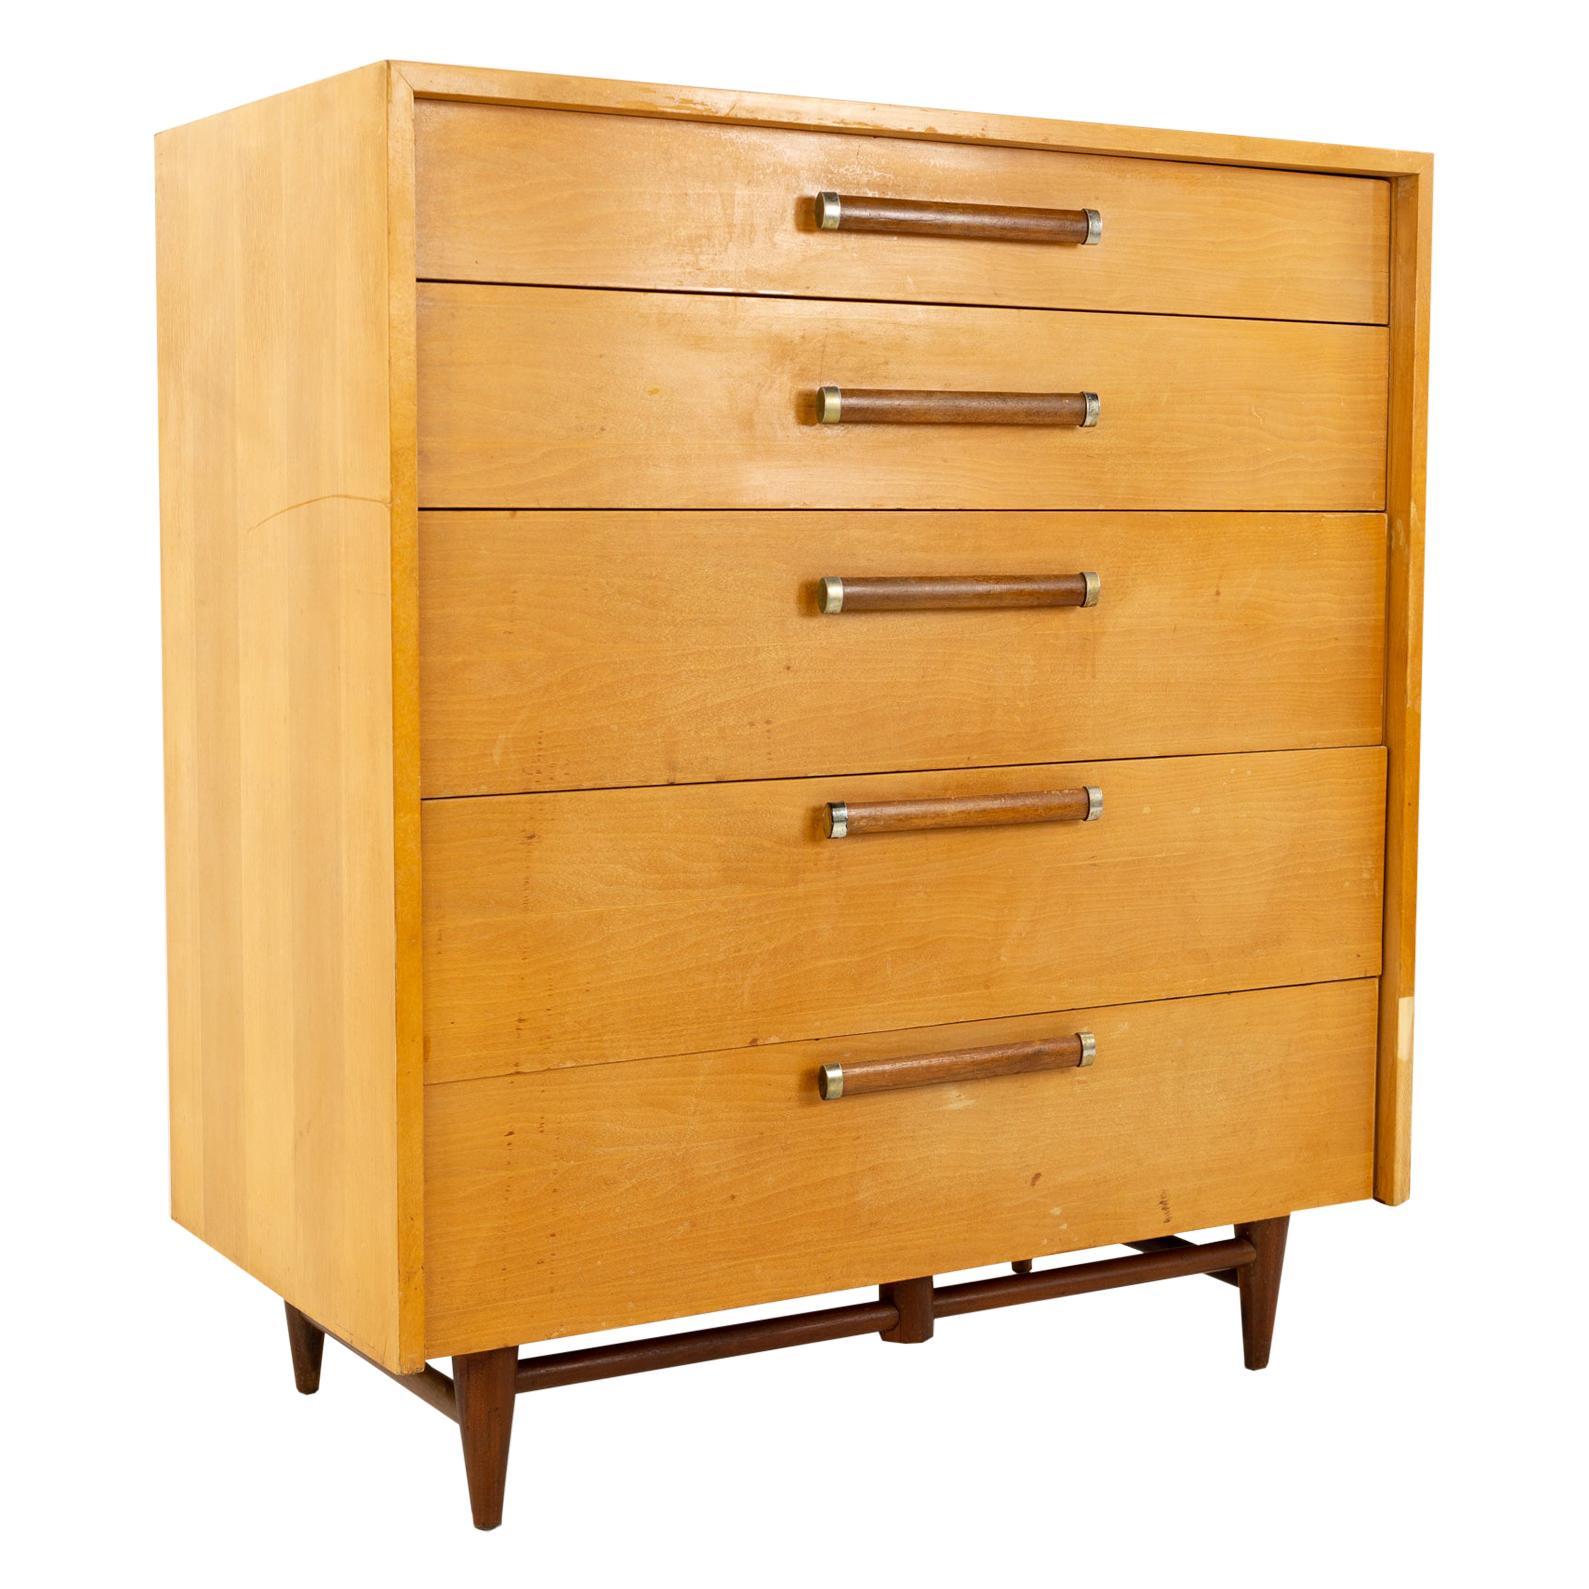 Baughman Style Mid Century 5-Drawer Highboy Dresser